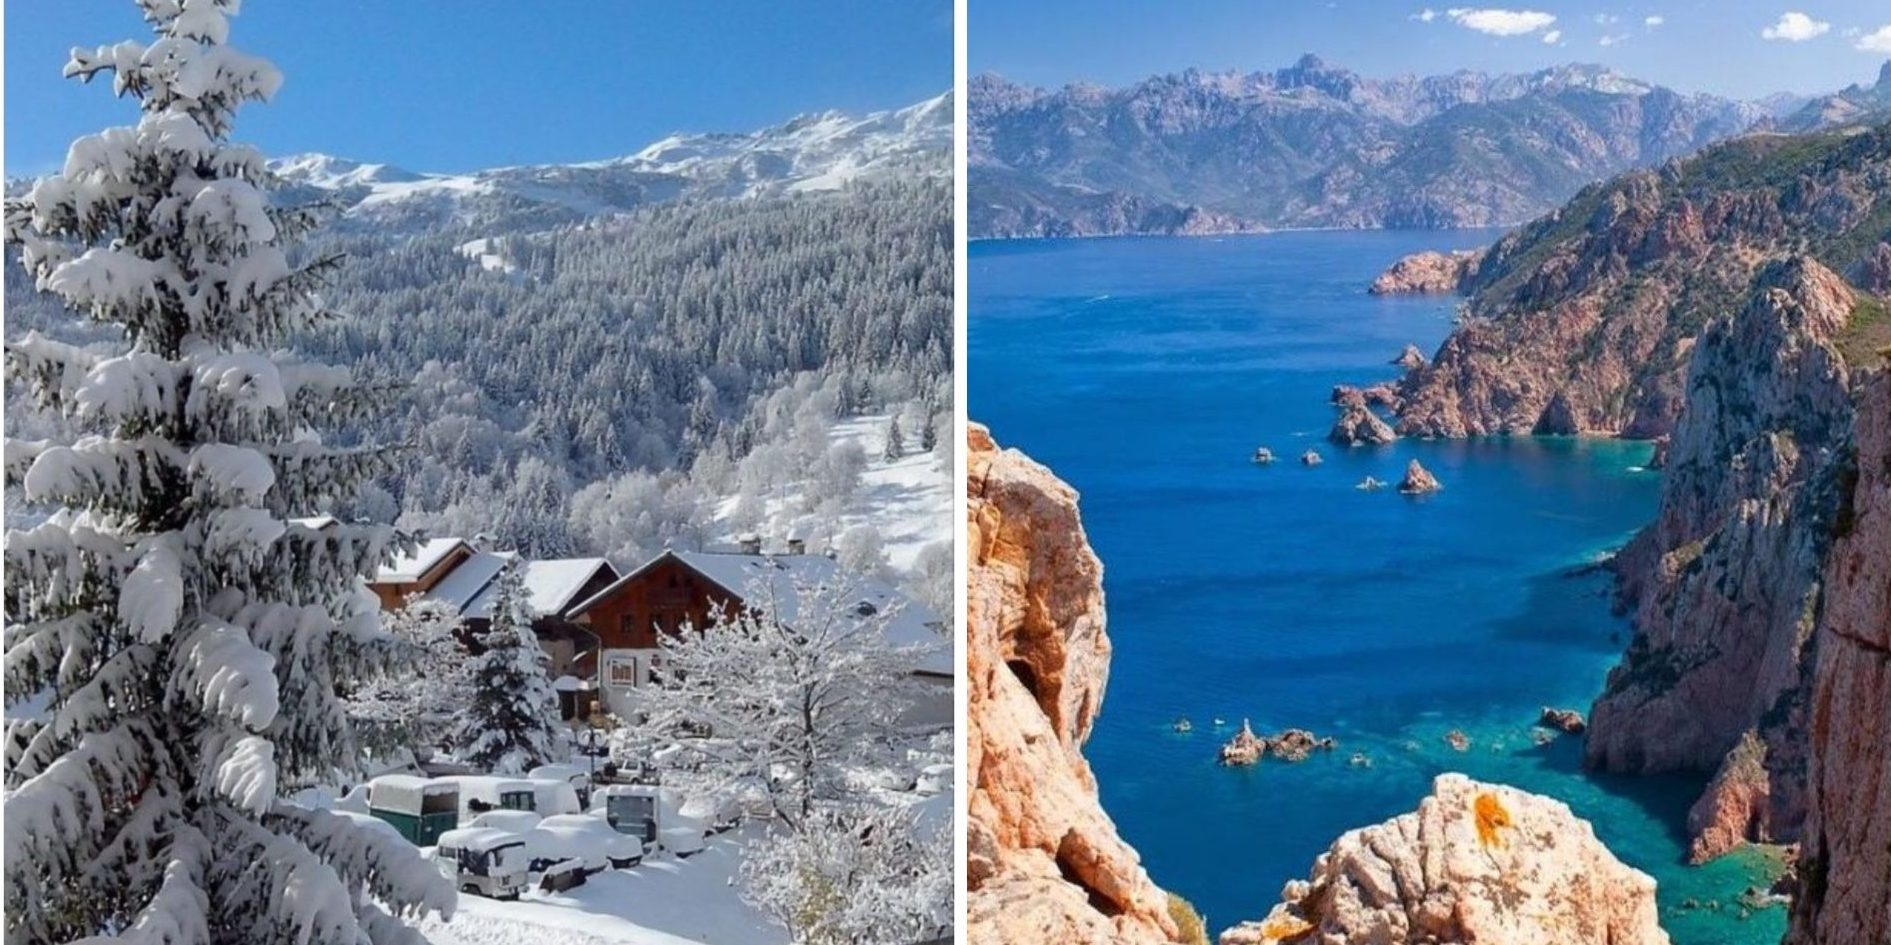 SkiMaquis wintersportdeluxe ontdekcorsica luxe wintersport Corsica vakantie skivakantie sneeuw zon ski maquis